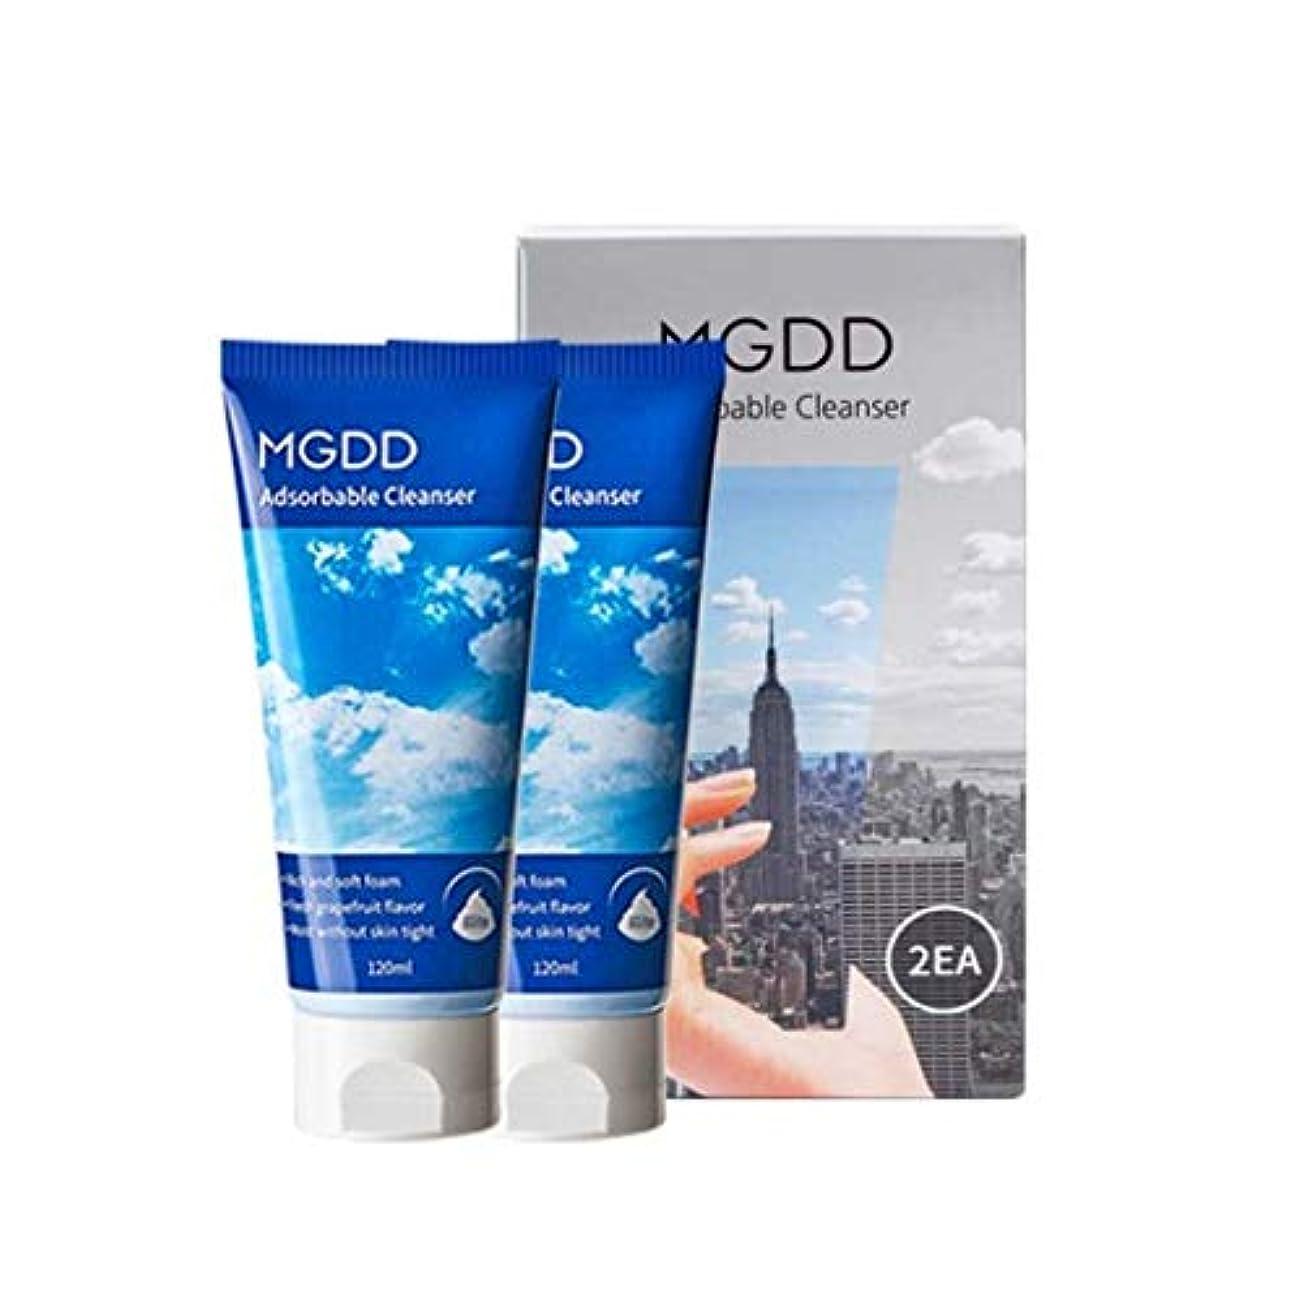 慣習数学的な看板MGDD吸着クレンザー120mlx2本セット毛穴洗浄韓国コスメ、MGDD Adsorbable Cleanser 120ml x 2ea Set Pore Care Korean Cosmetics [並行輸入品]